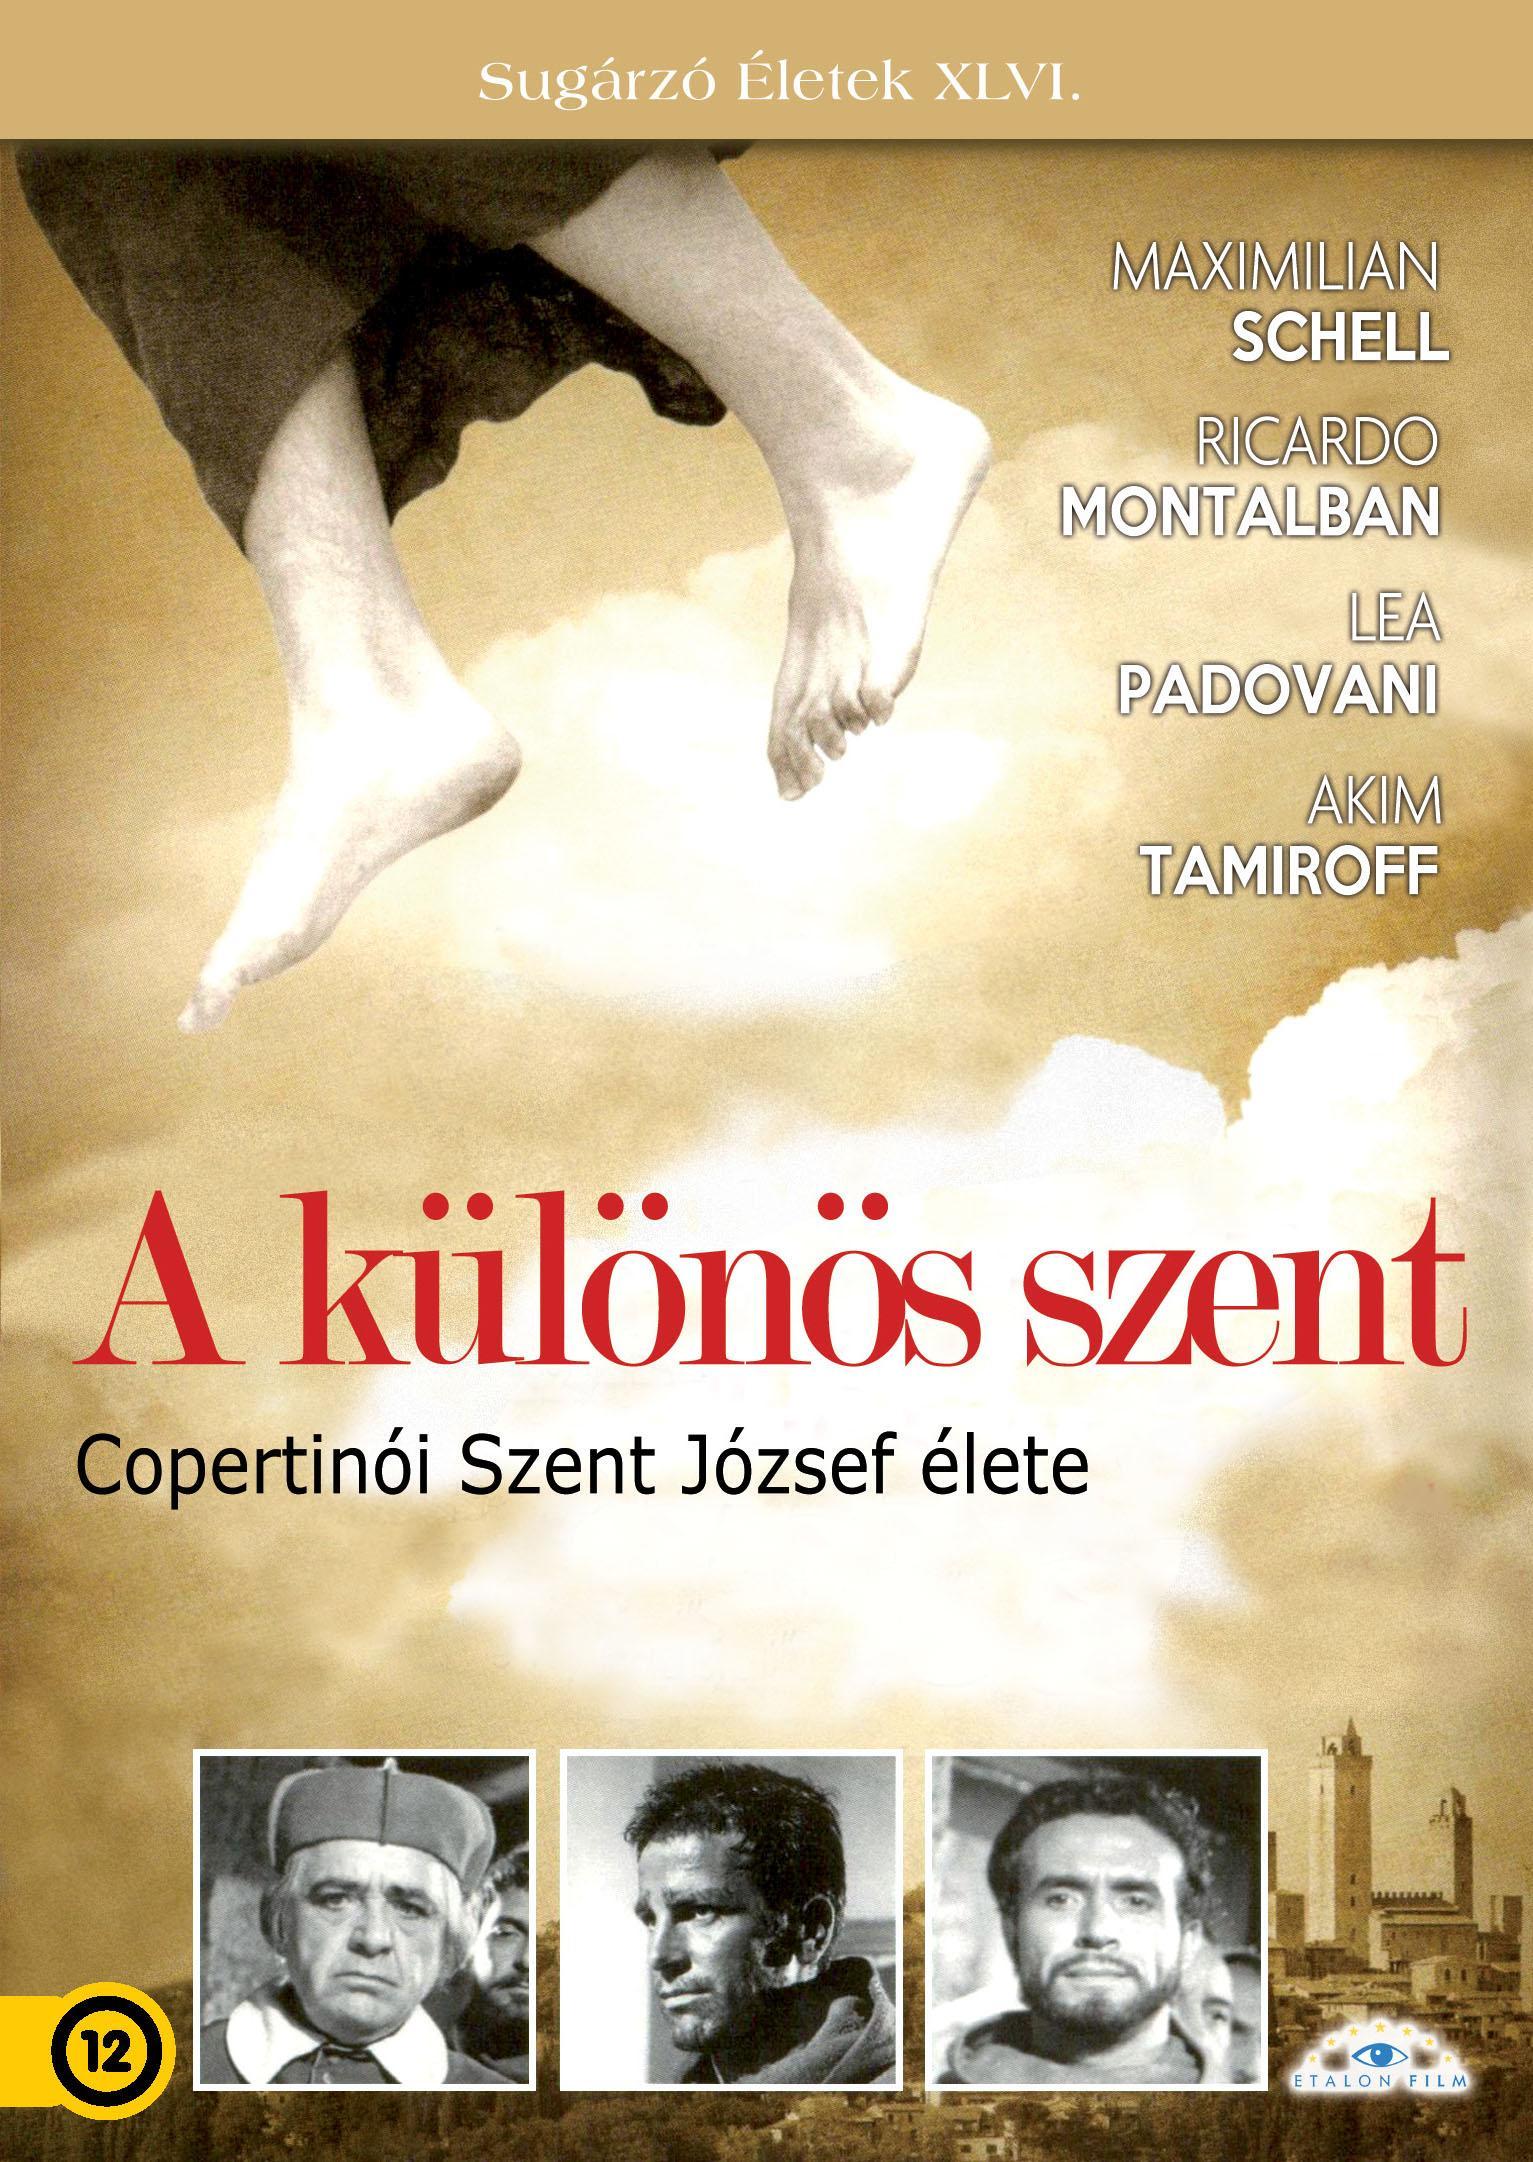 - A KÜLÖNÖS SZENT - COPERTINÓI SZENT JÓZSEF ÉLETE - DVD -